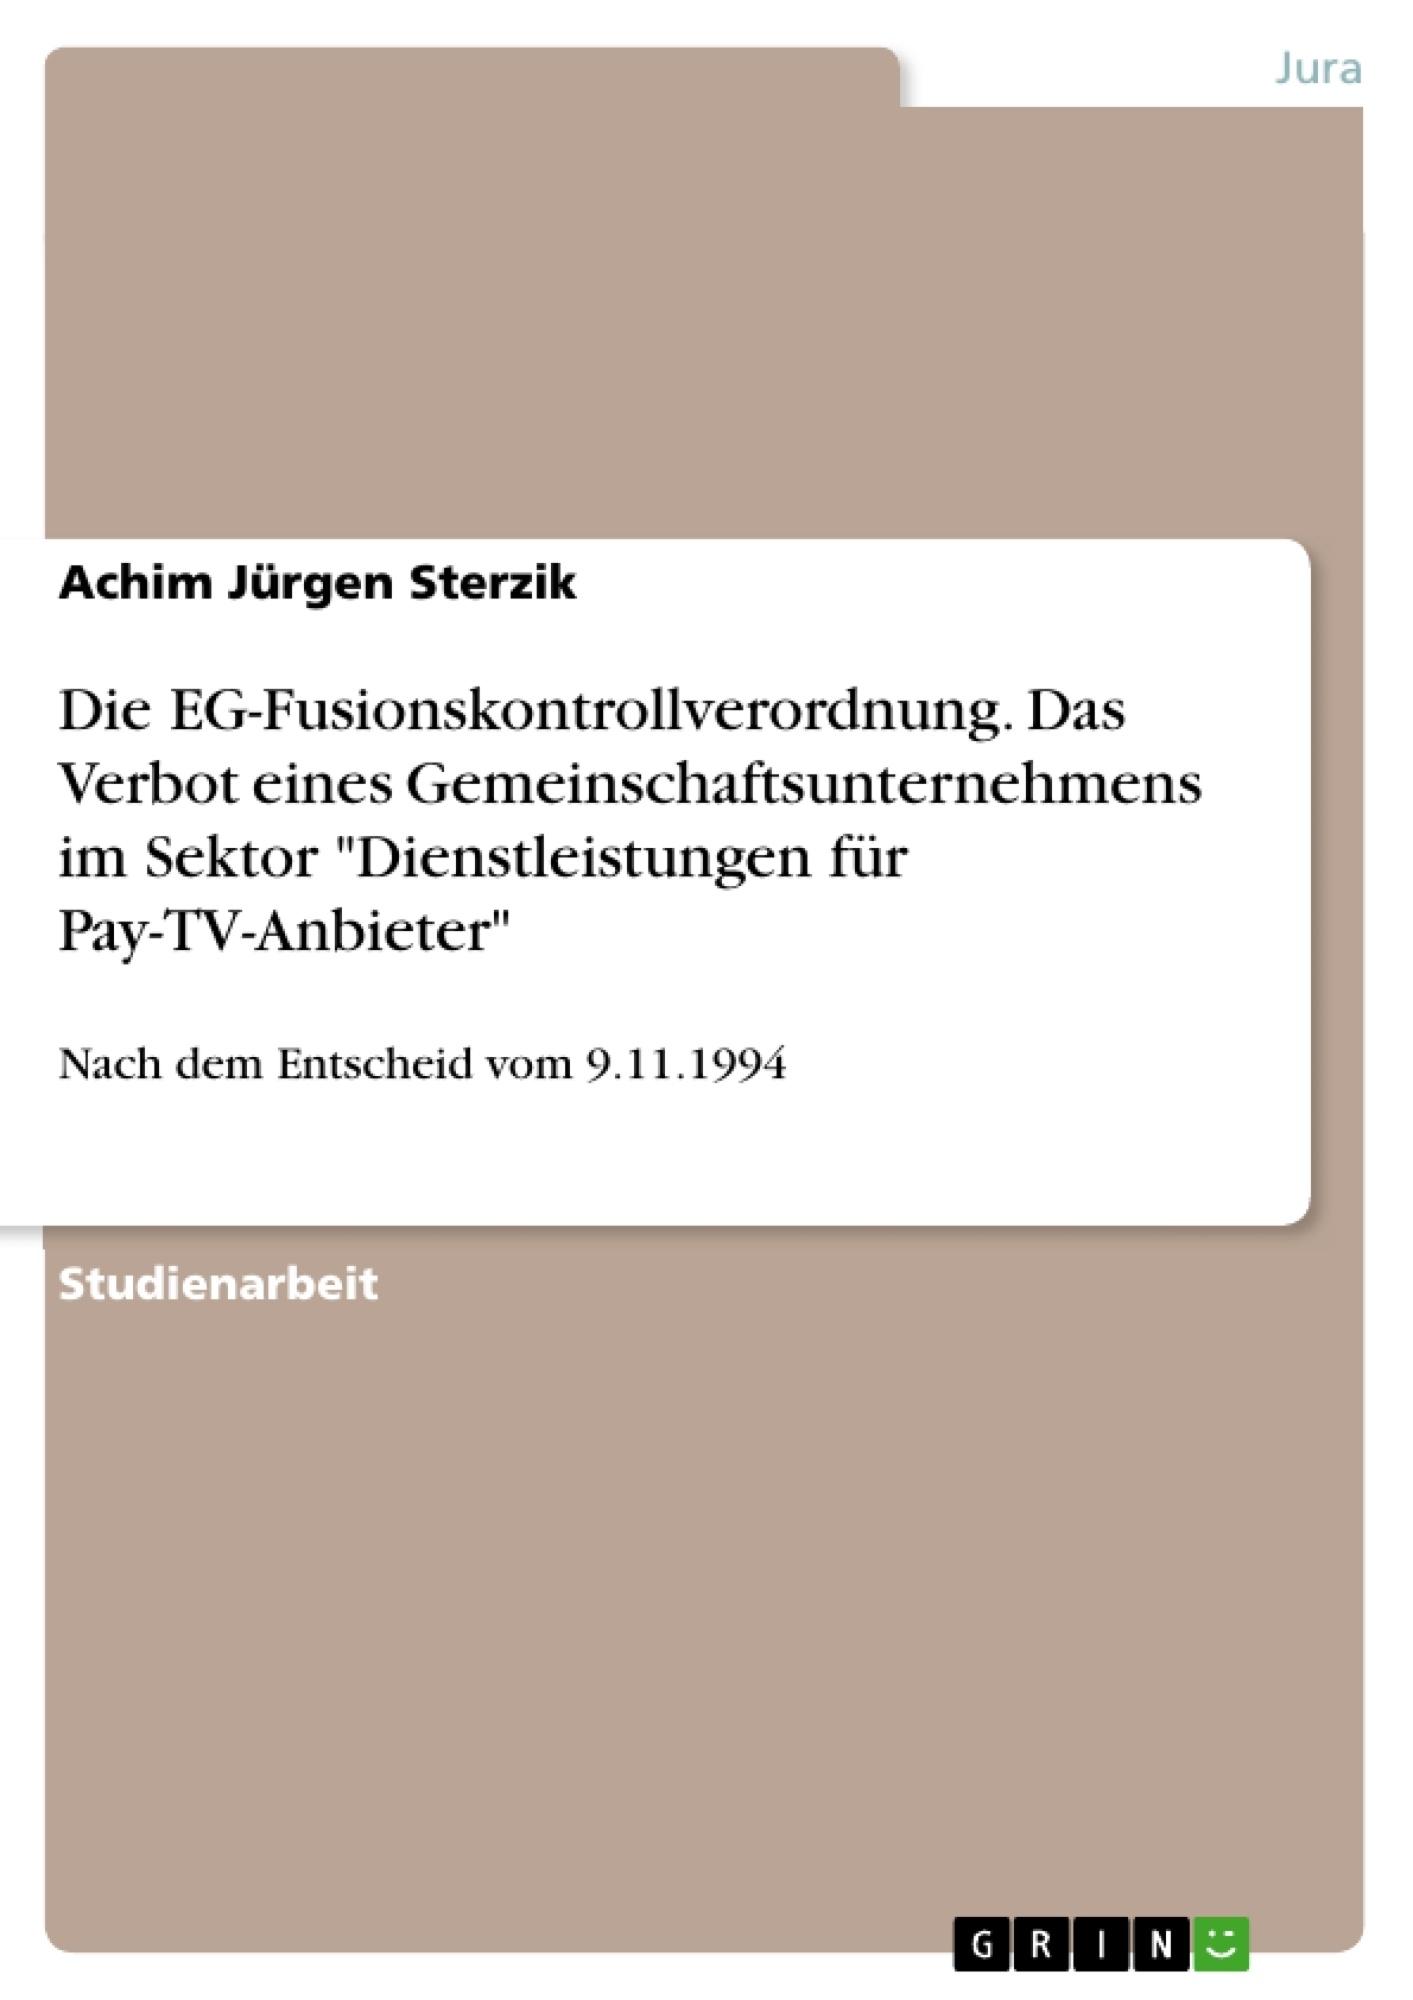 """Titel: Die EG-Fusionskontrollverordnung. Das Verbot eines Gemeinschaftsunternehmens im Sektor """"Dienstleistungen für Pay-TV-Anbieter"""""""